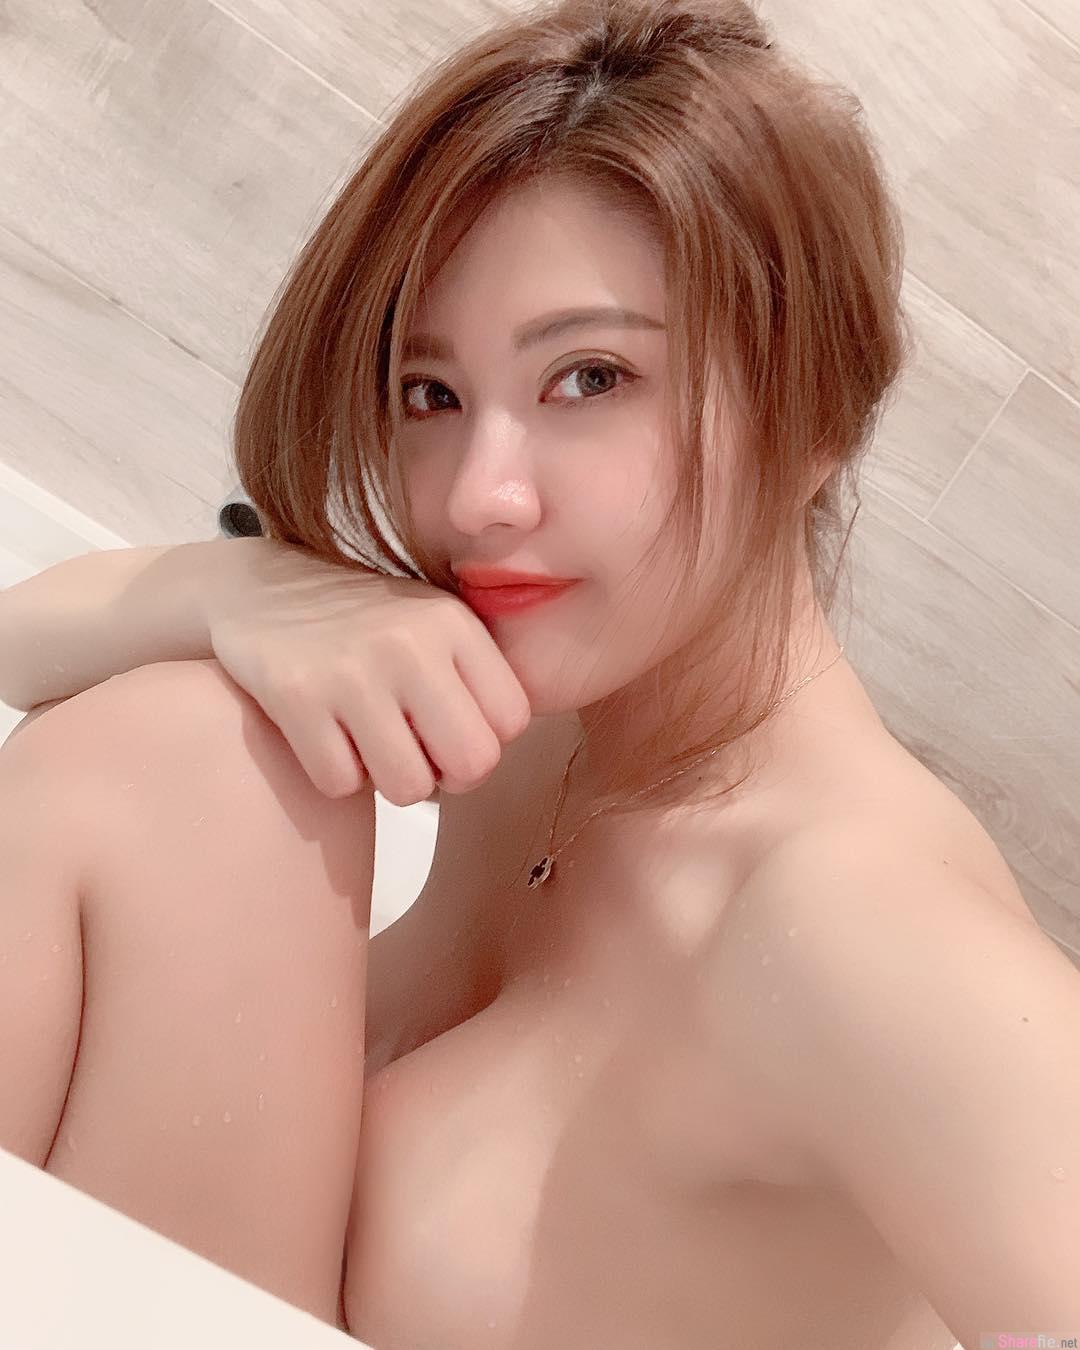 正妹刘庭羽Doris晒浴缸照,巨乳压大腿网友暴动:希望可以一起洗